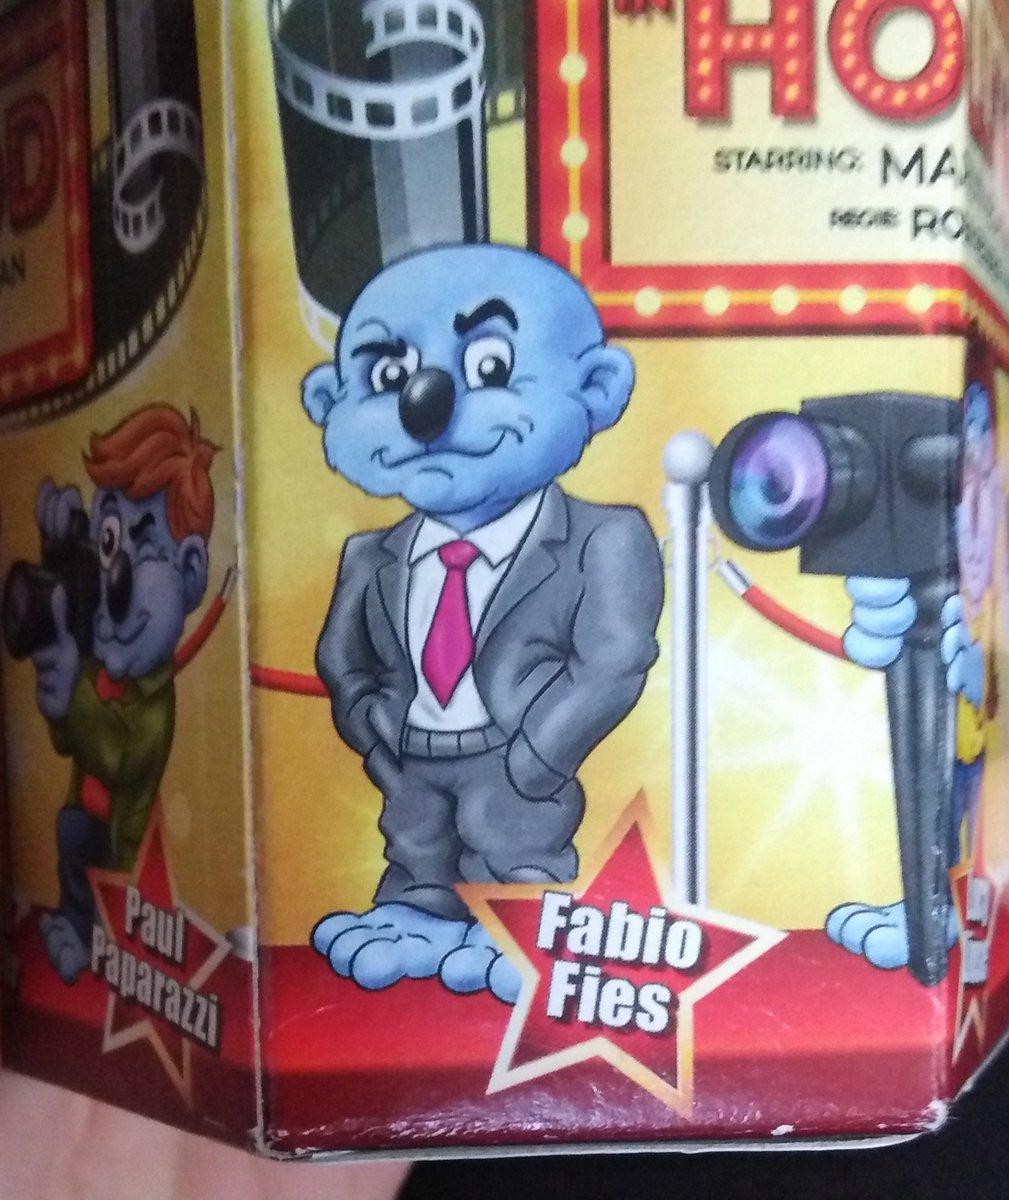 """Liegt es an mir oder sieht Fabio Fies aus wie Ulrich Mühe in """"Schtonk!"""" (1992)?  #koalakekse #deutscheskino pic.twitter.com/tWOJ4FjOLi"""